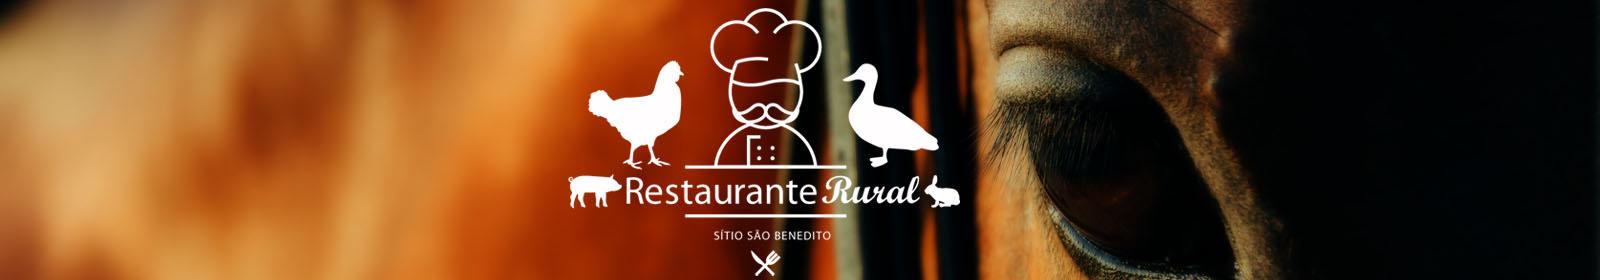 Restaurante Rural